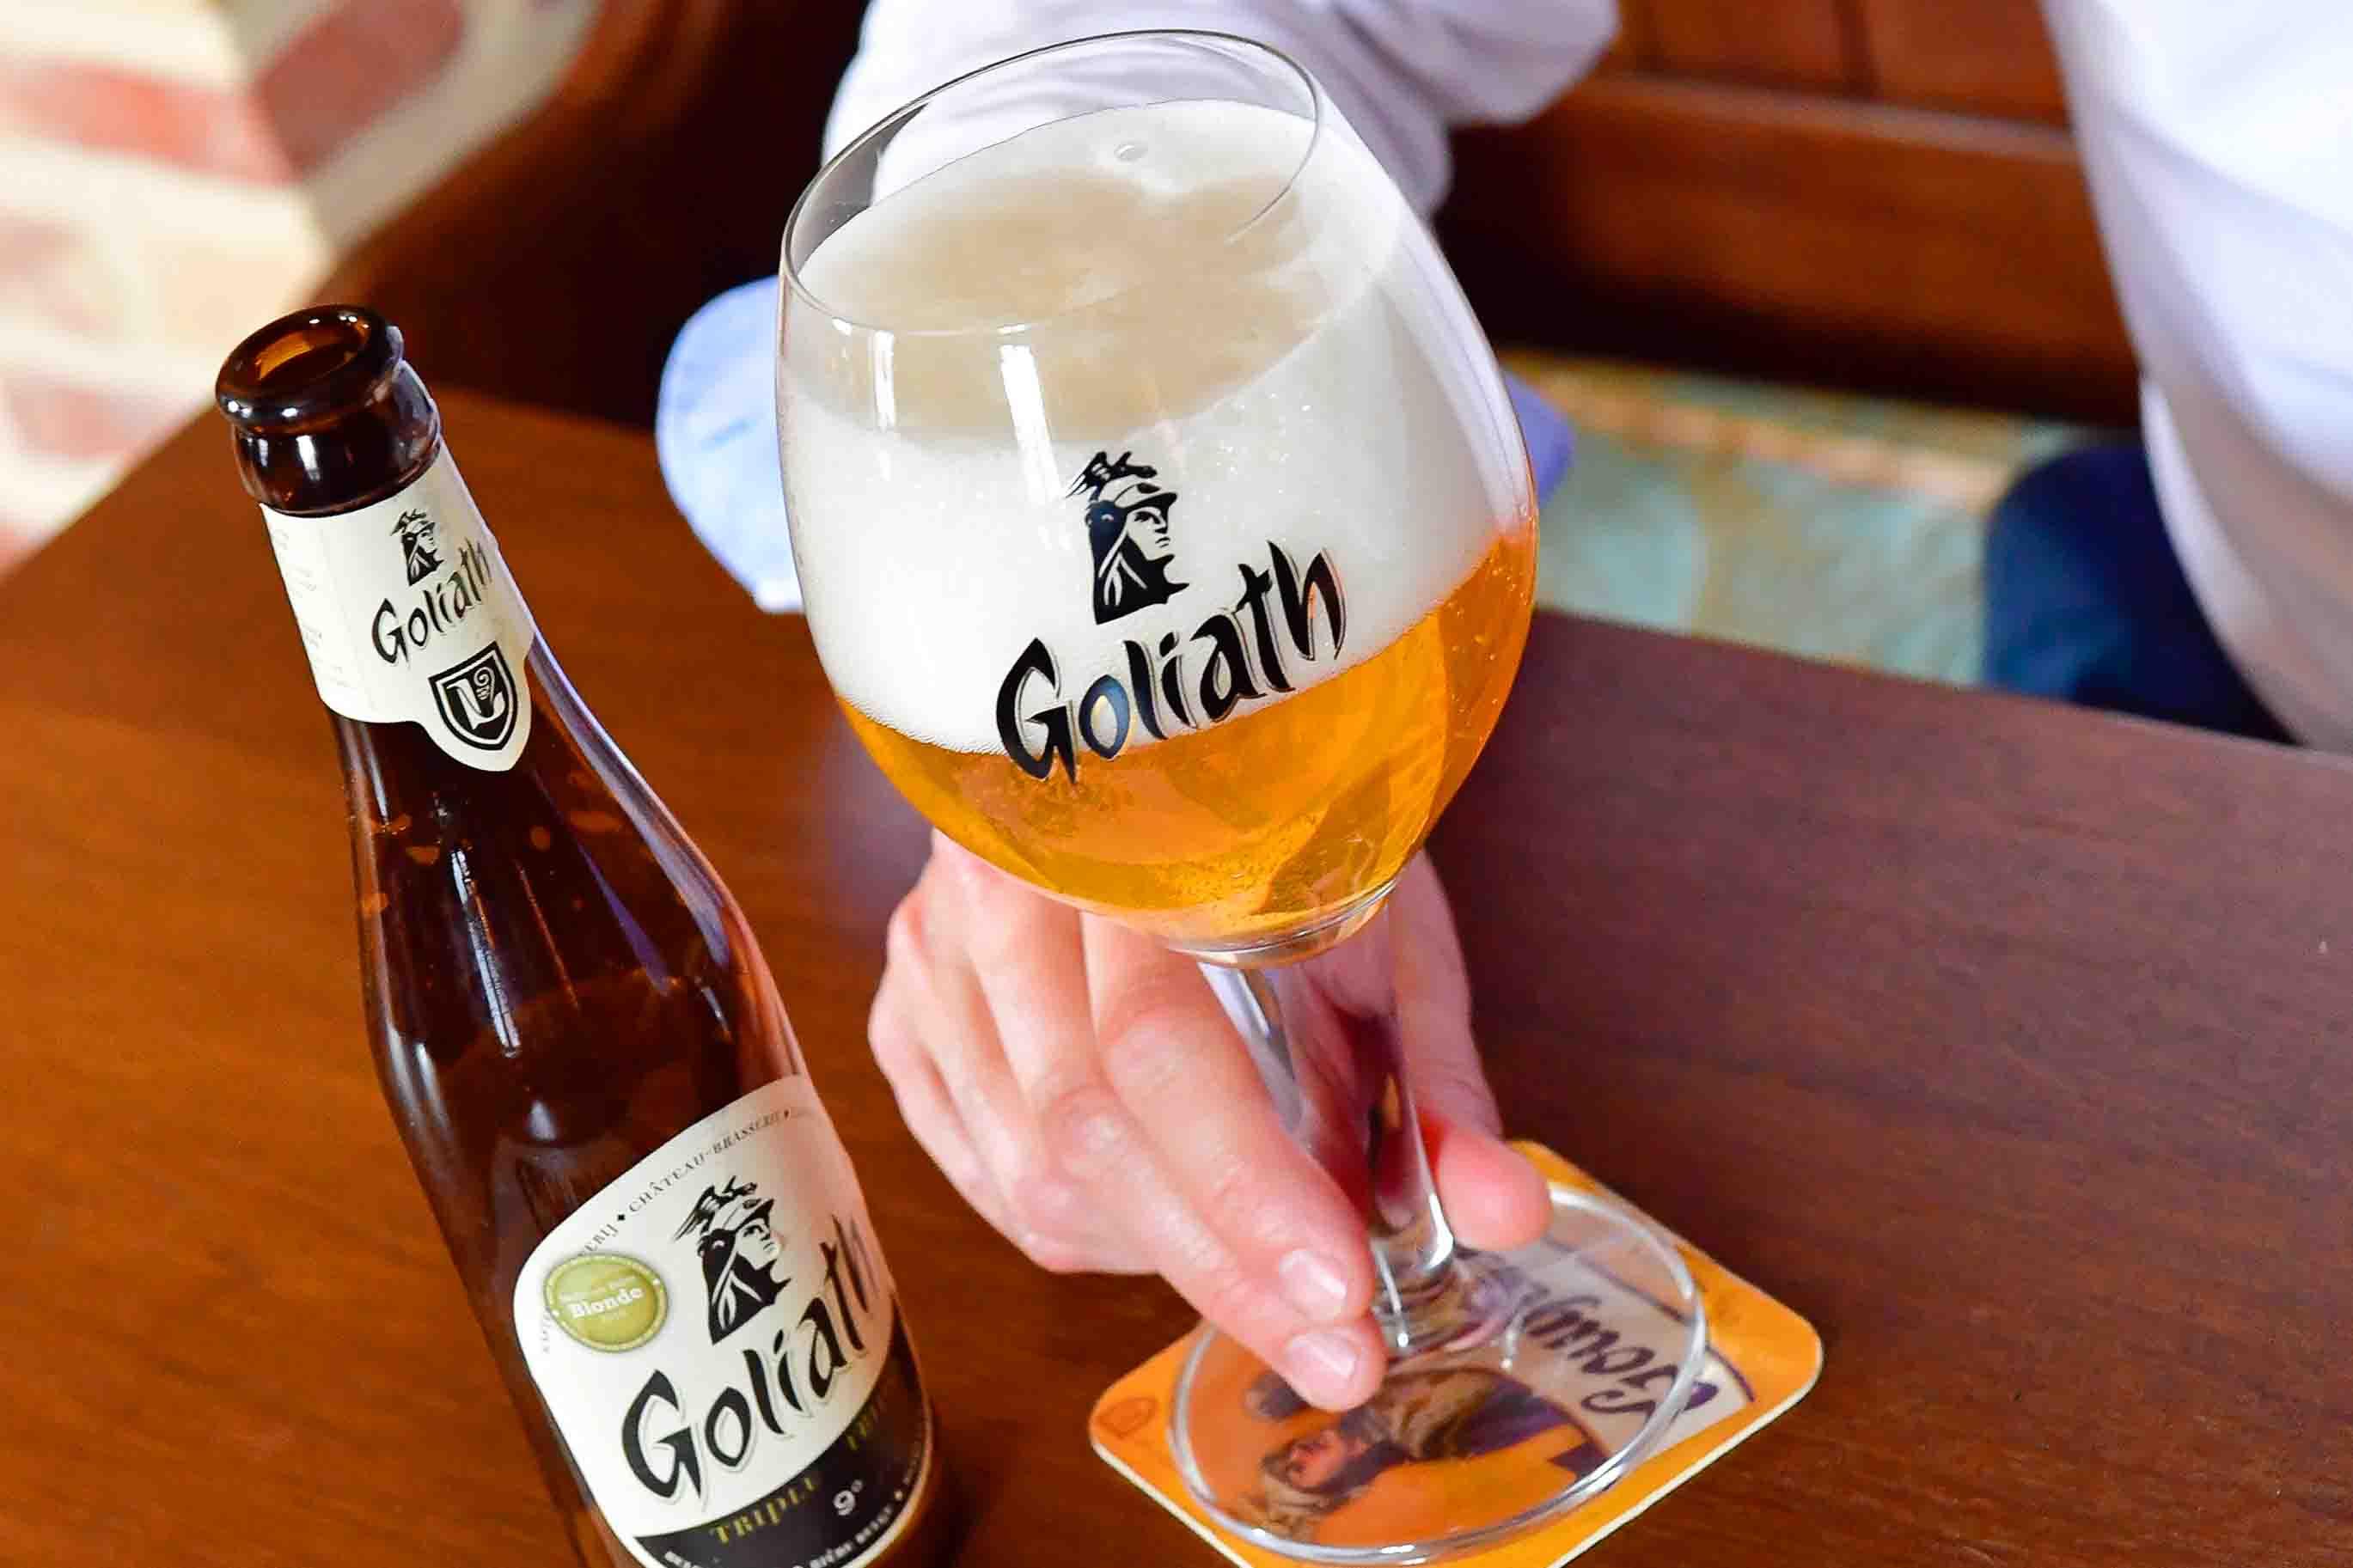 La Goliath, bière blonde - Brasserie des Légendes